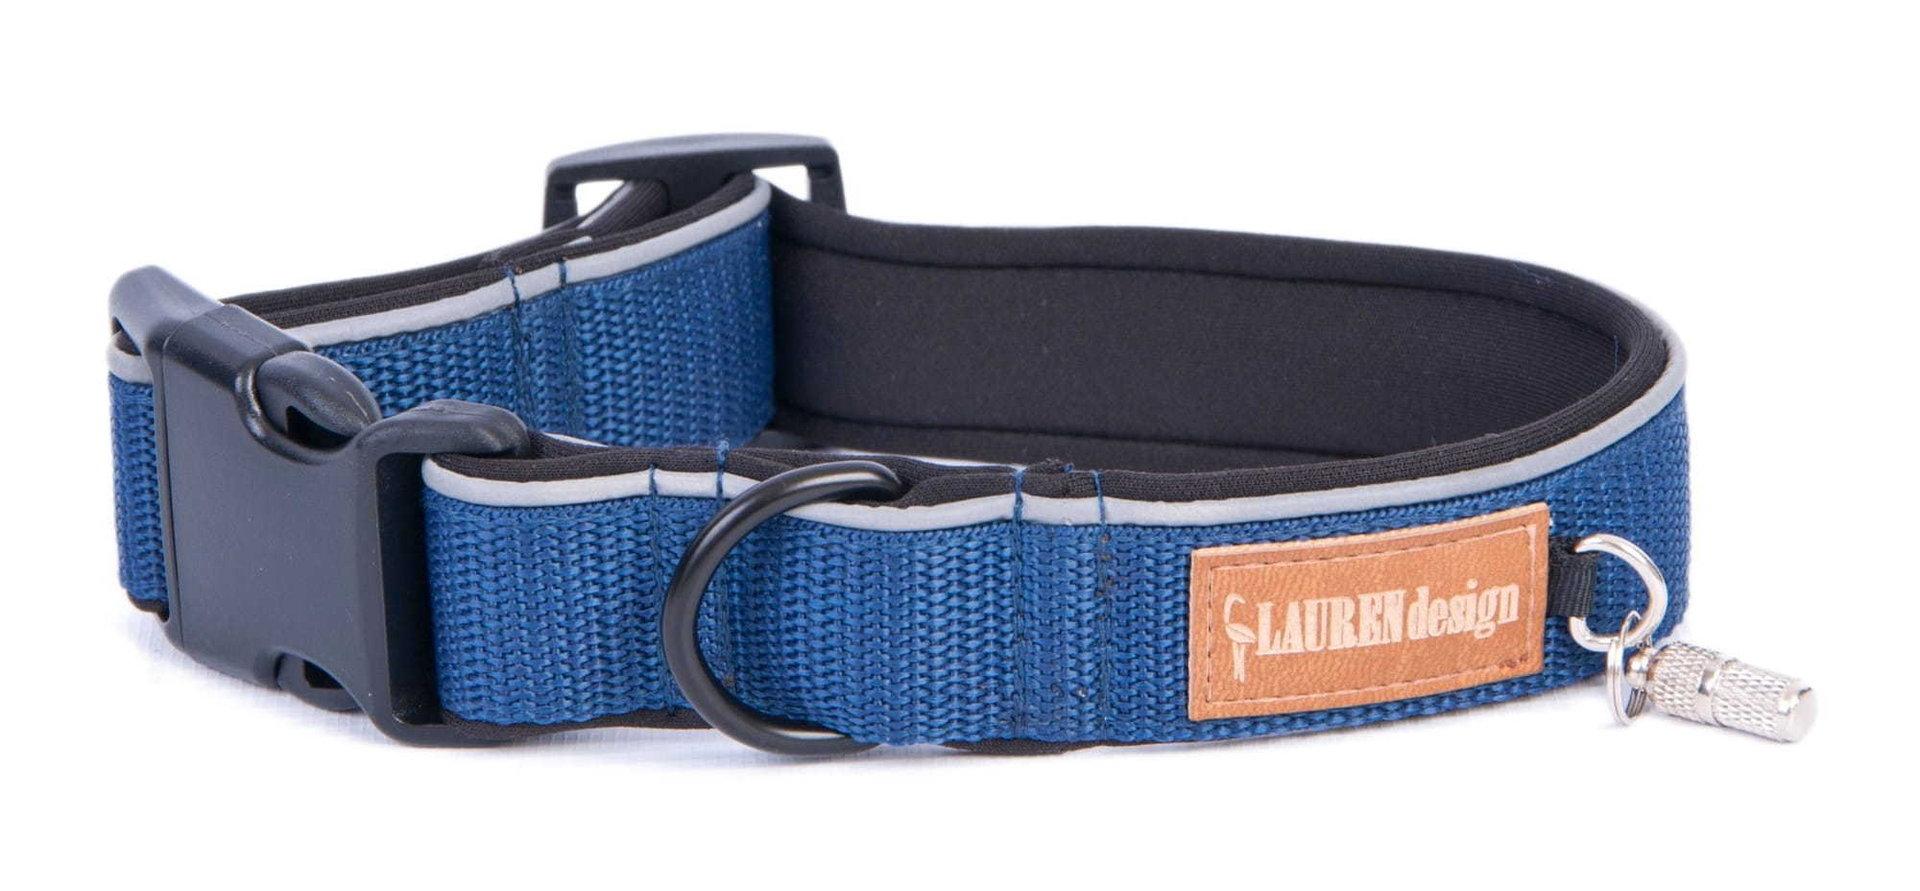 Halsband, blau, S - XL